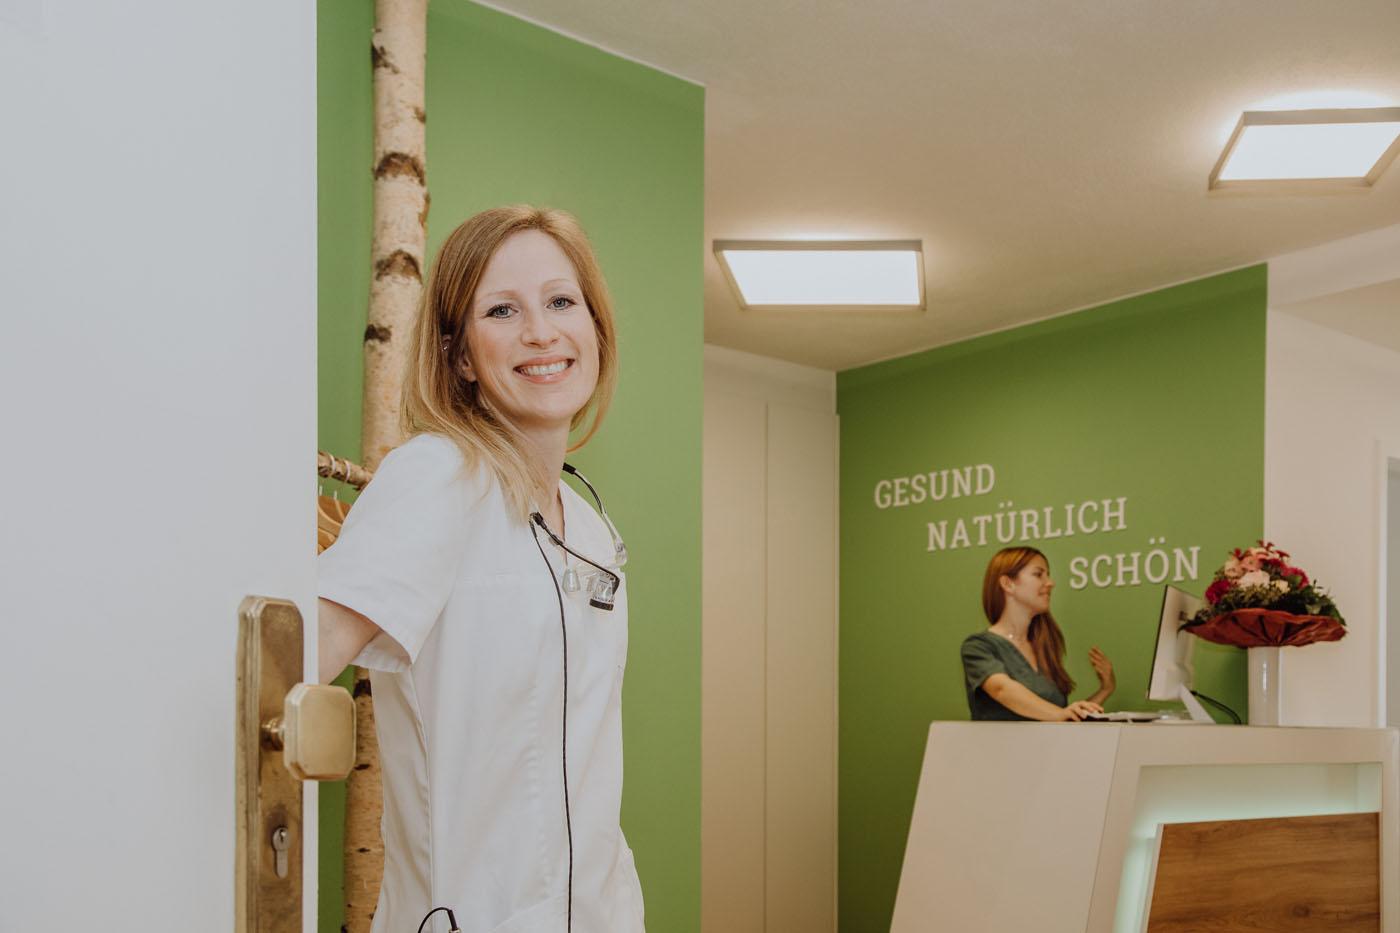 Zahnarzt Praxis Christine Zander aus Unterschleißheim bei München